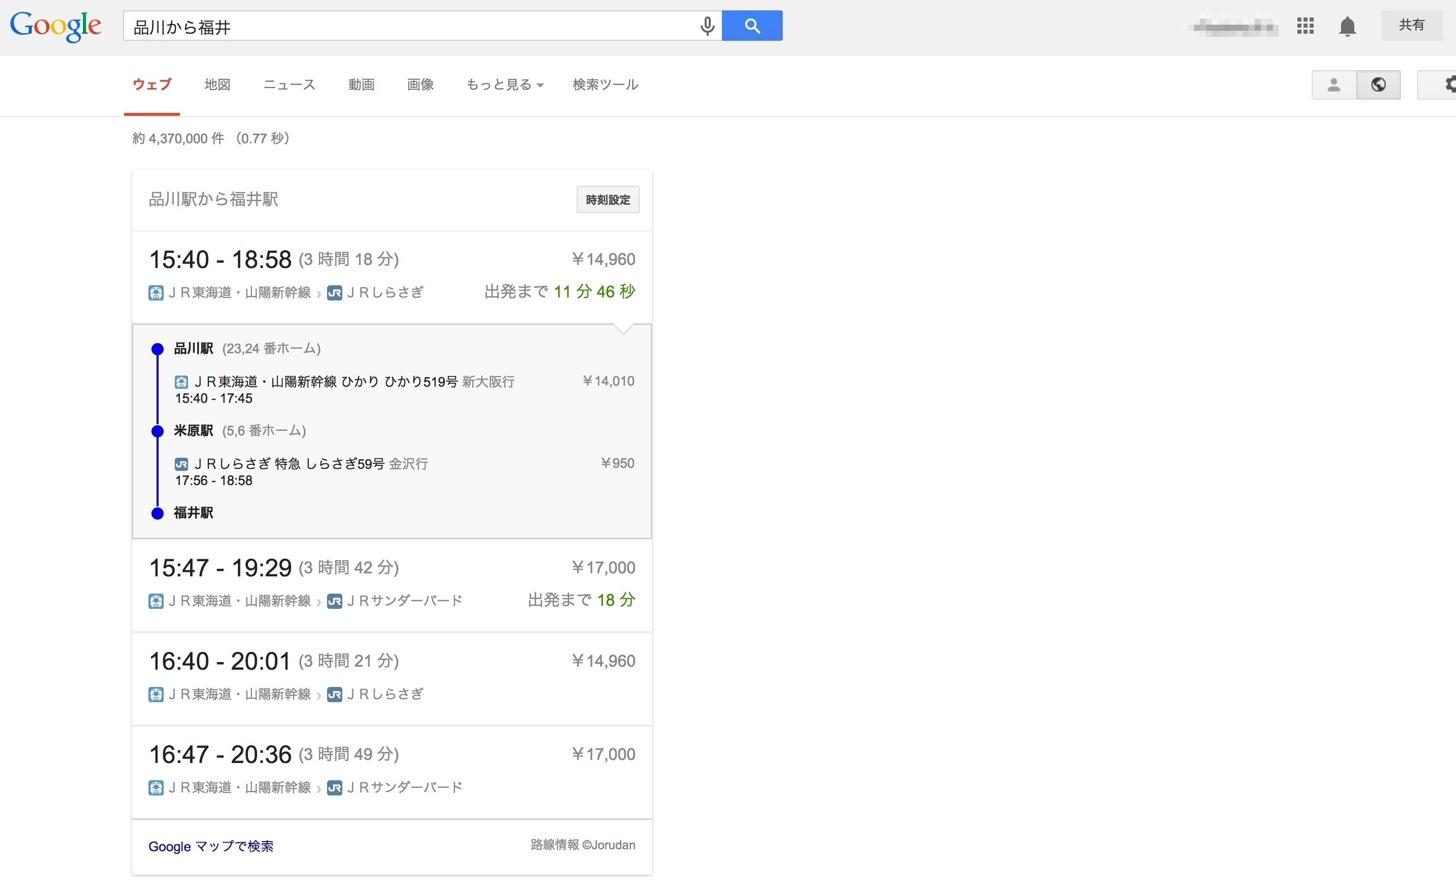 乗り換え案内のGoogle日本語検索コマンド